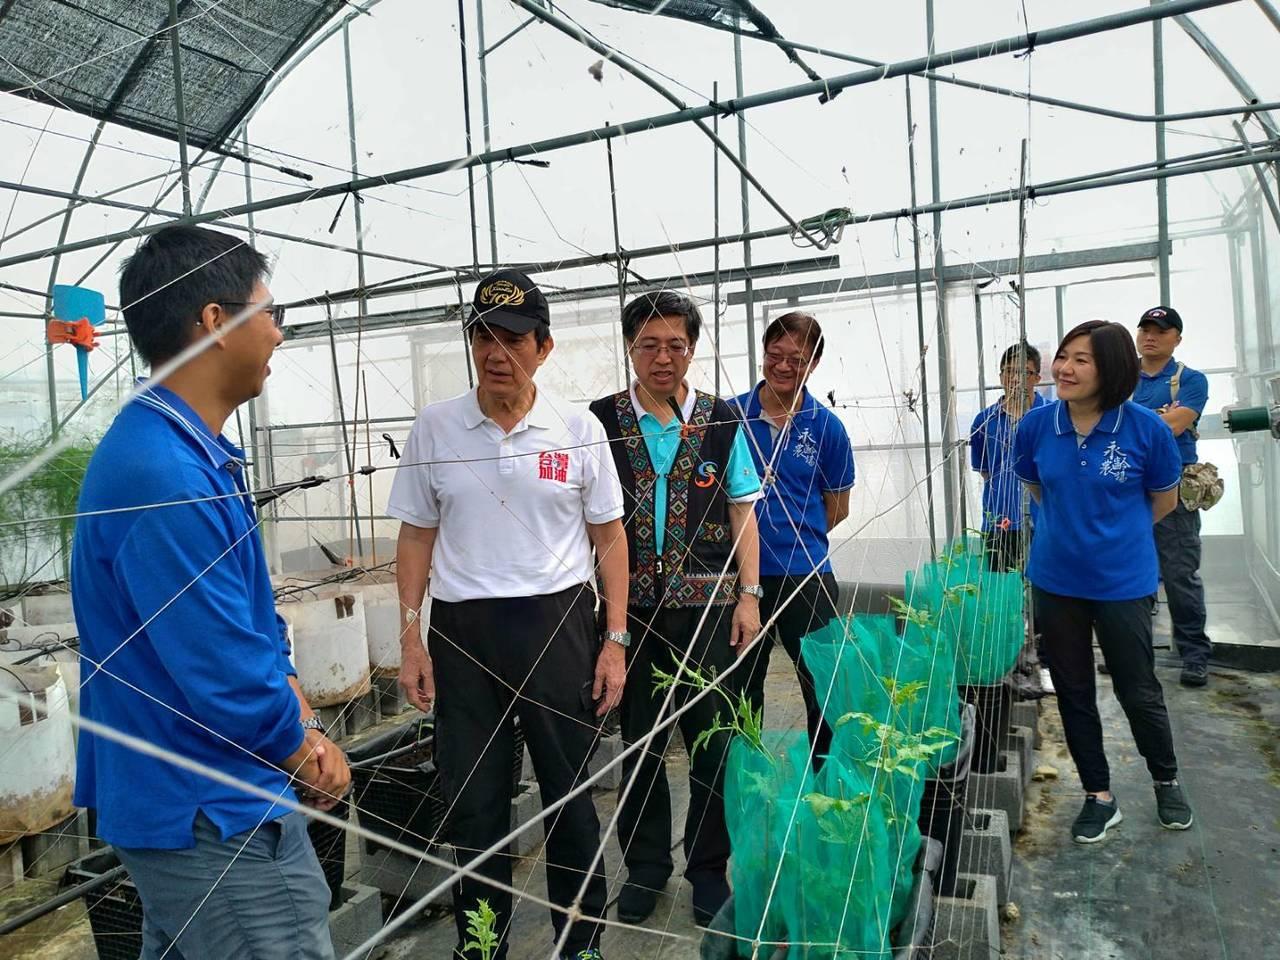 前總統馬英九(左二)進入永齡農場溫室內參觀。記者徐白櫻/翻攝